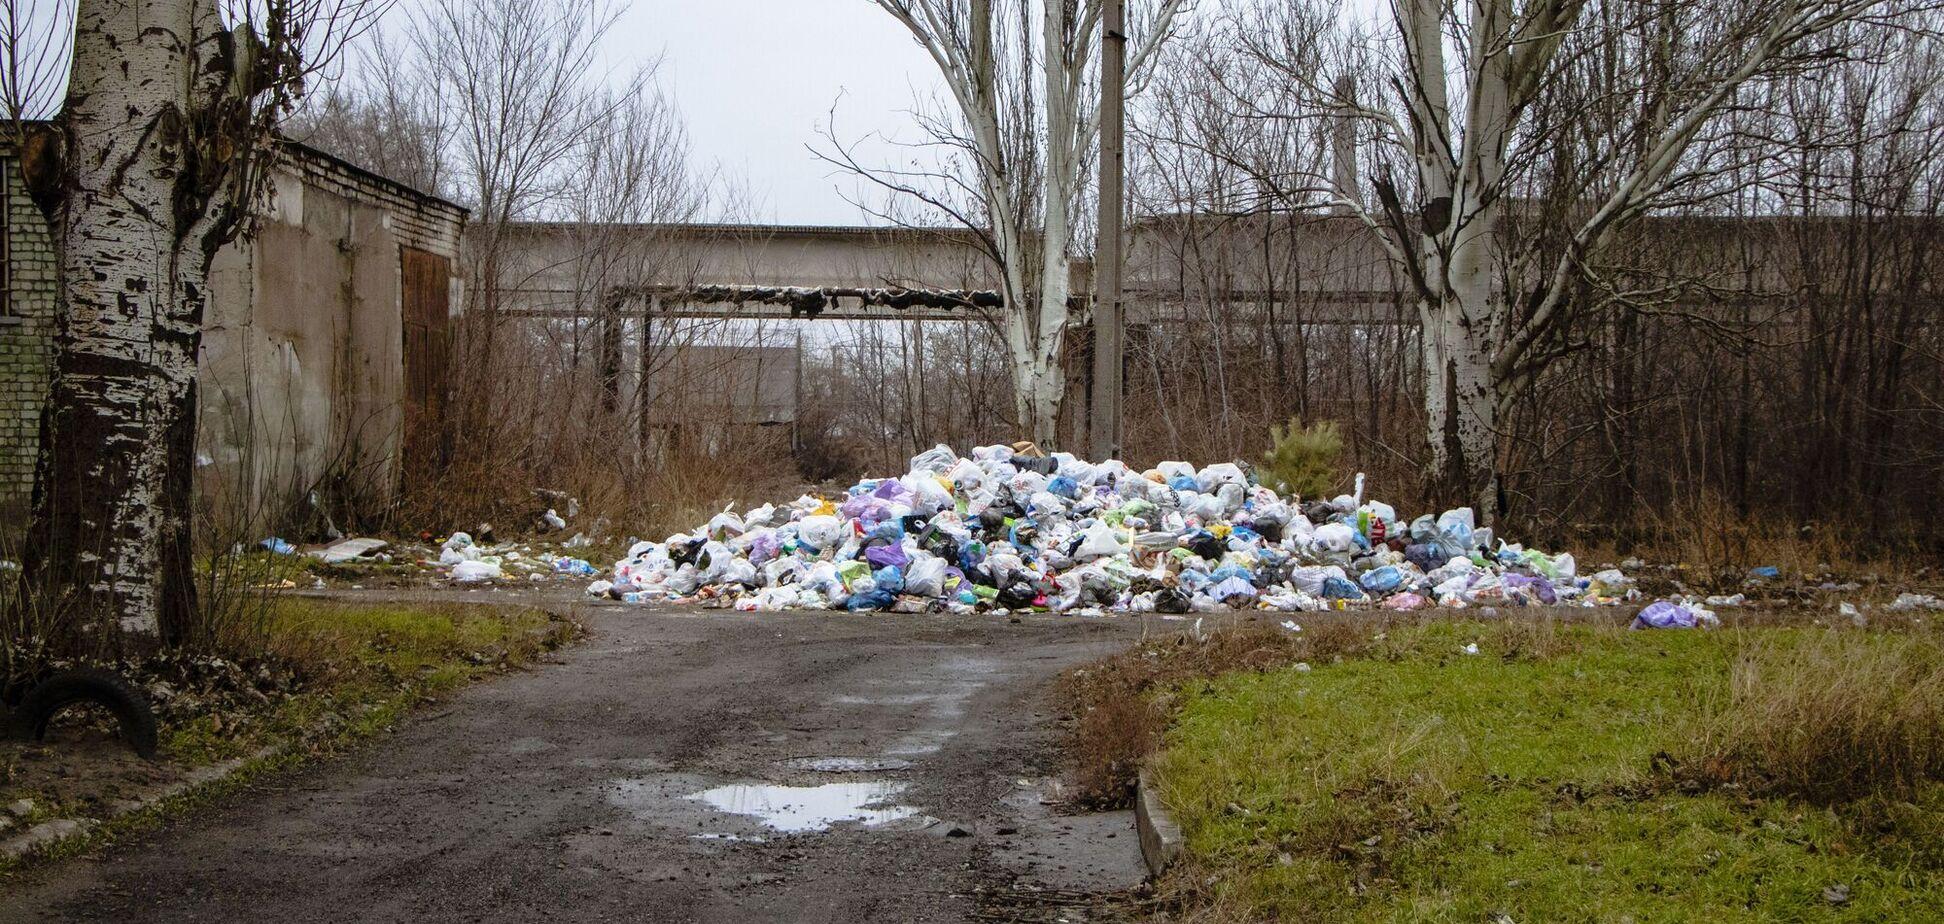 Біля гуртожитків 'Дніпропетровського трубного заводу' утворилися сміттєзвалища